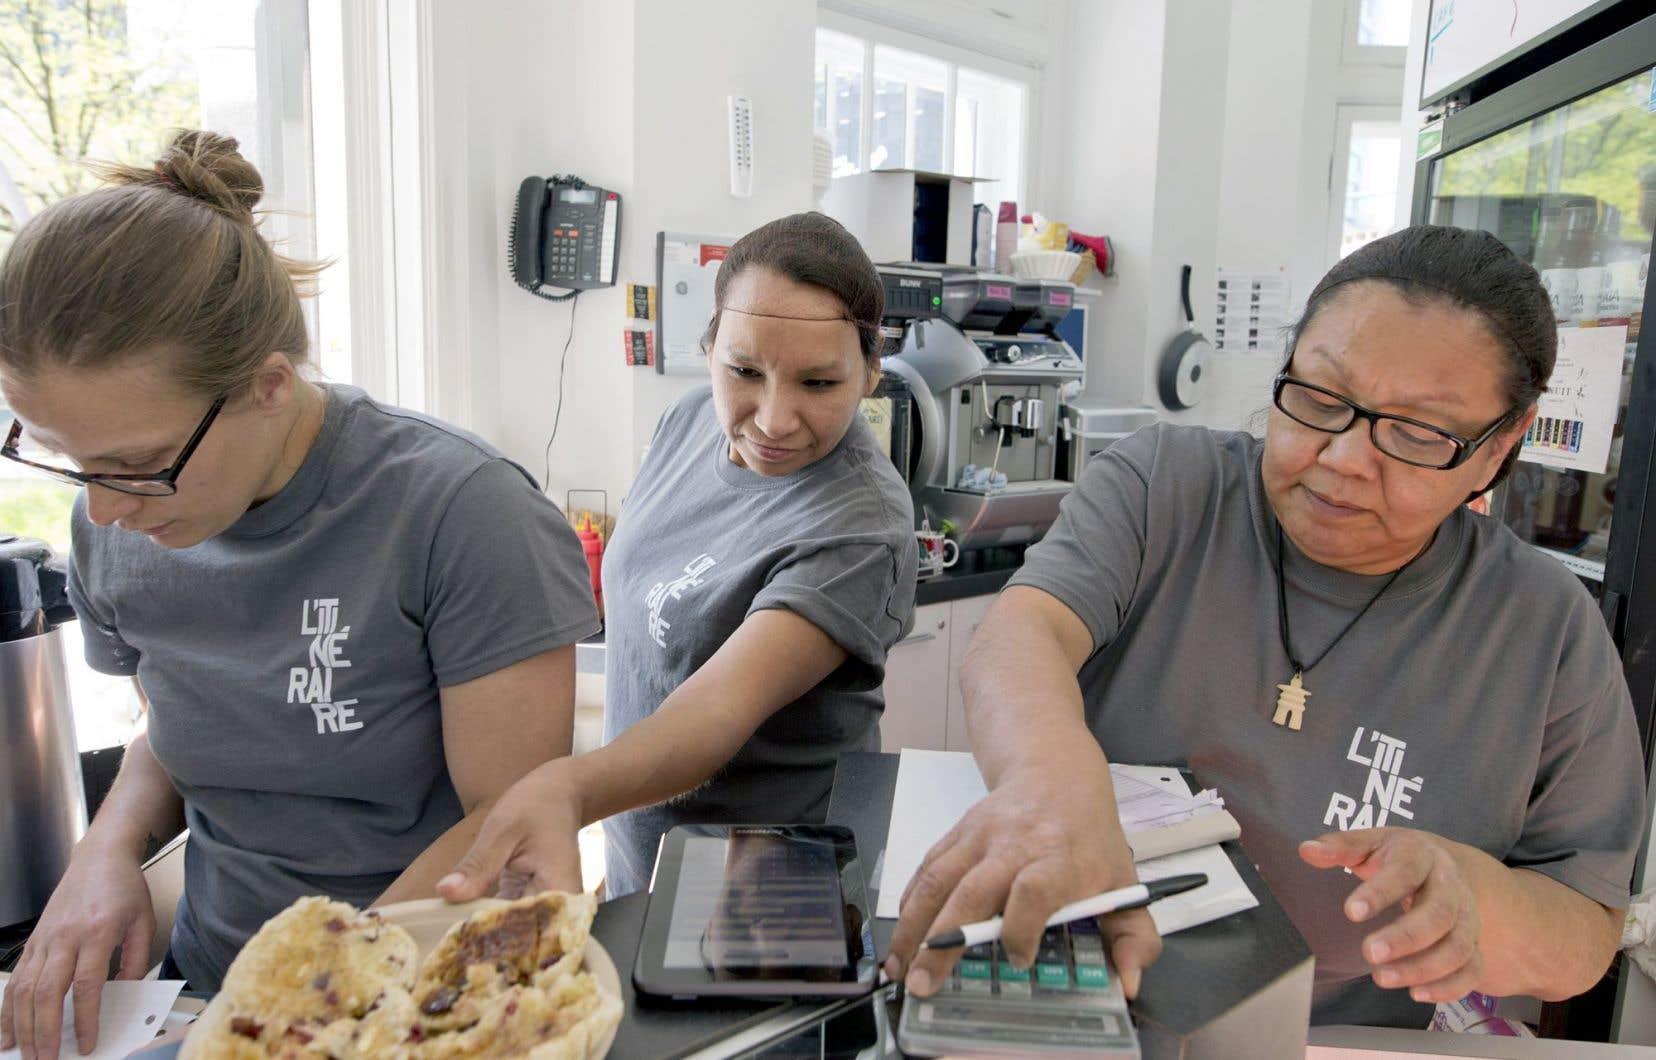 Shirley de Wind et Sarah Alaku doutaient de leurs capacités à travailler lorsqu'elles ont été embauchées par Mélodie Grenier (à gauche), coordonnatrice du café La Maison Ronde. Leur emploi leur permet de reprendre confiance en elles et de sortir de l'itinérance.